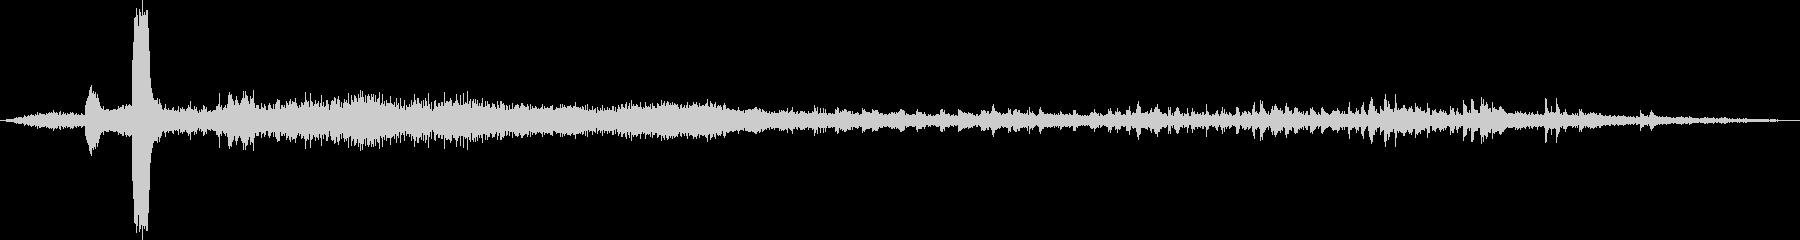 ディーゼル機関車牽引の貨物列車の発車音の未再生の波形